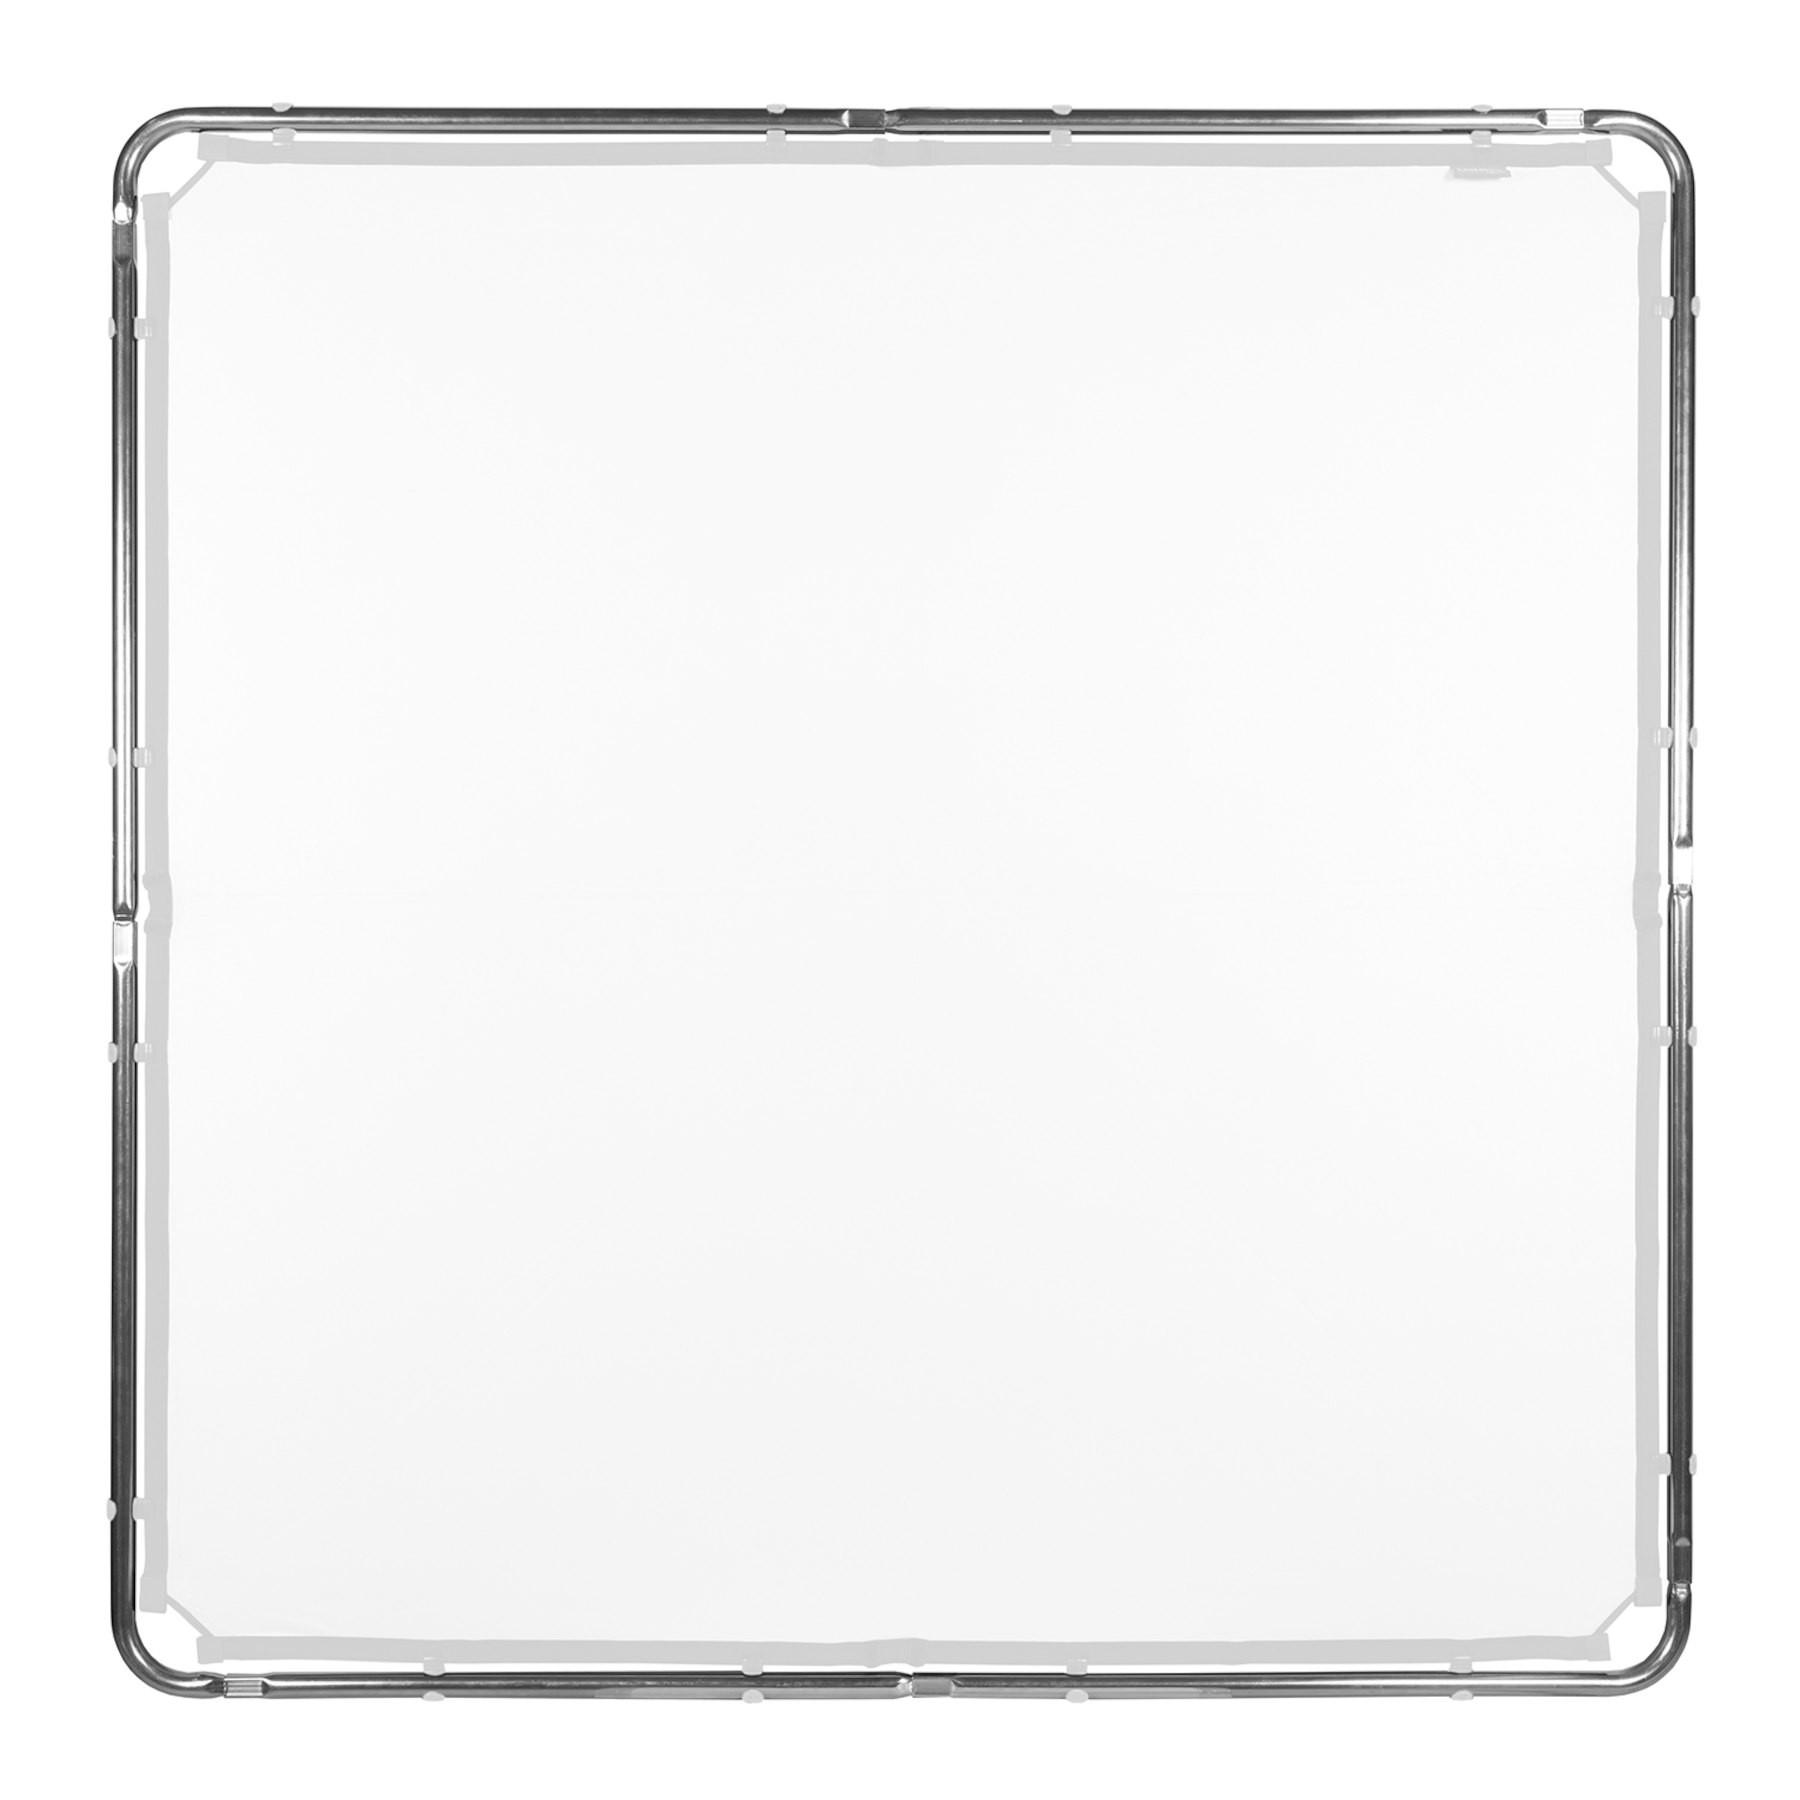 Lastolite SkyRapid Aluminium-Rahmen midi 1,5 x 1,5m